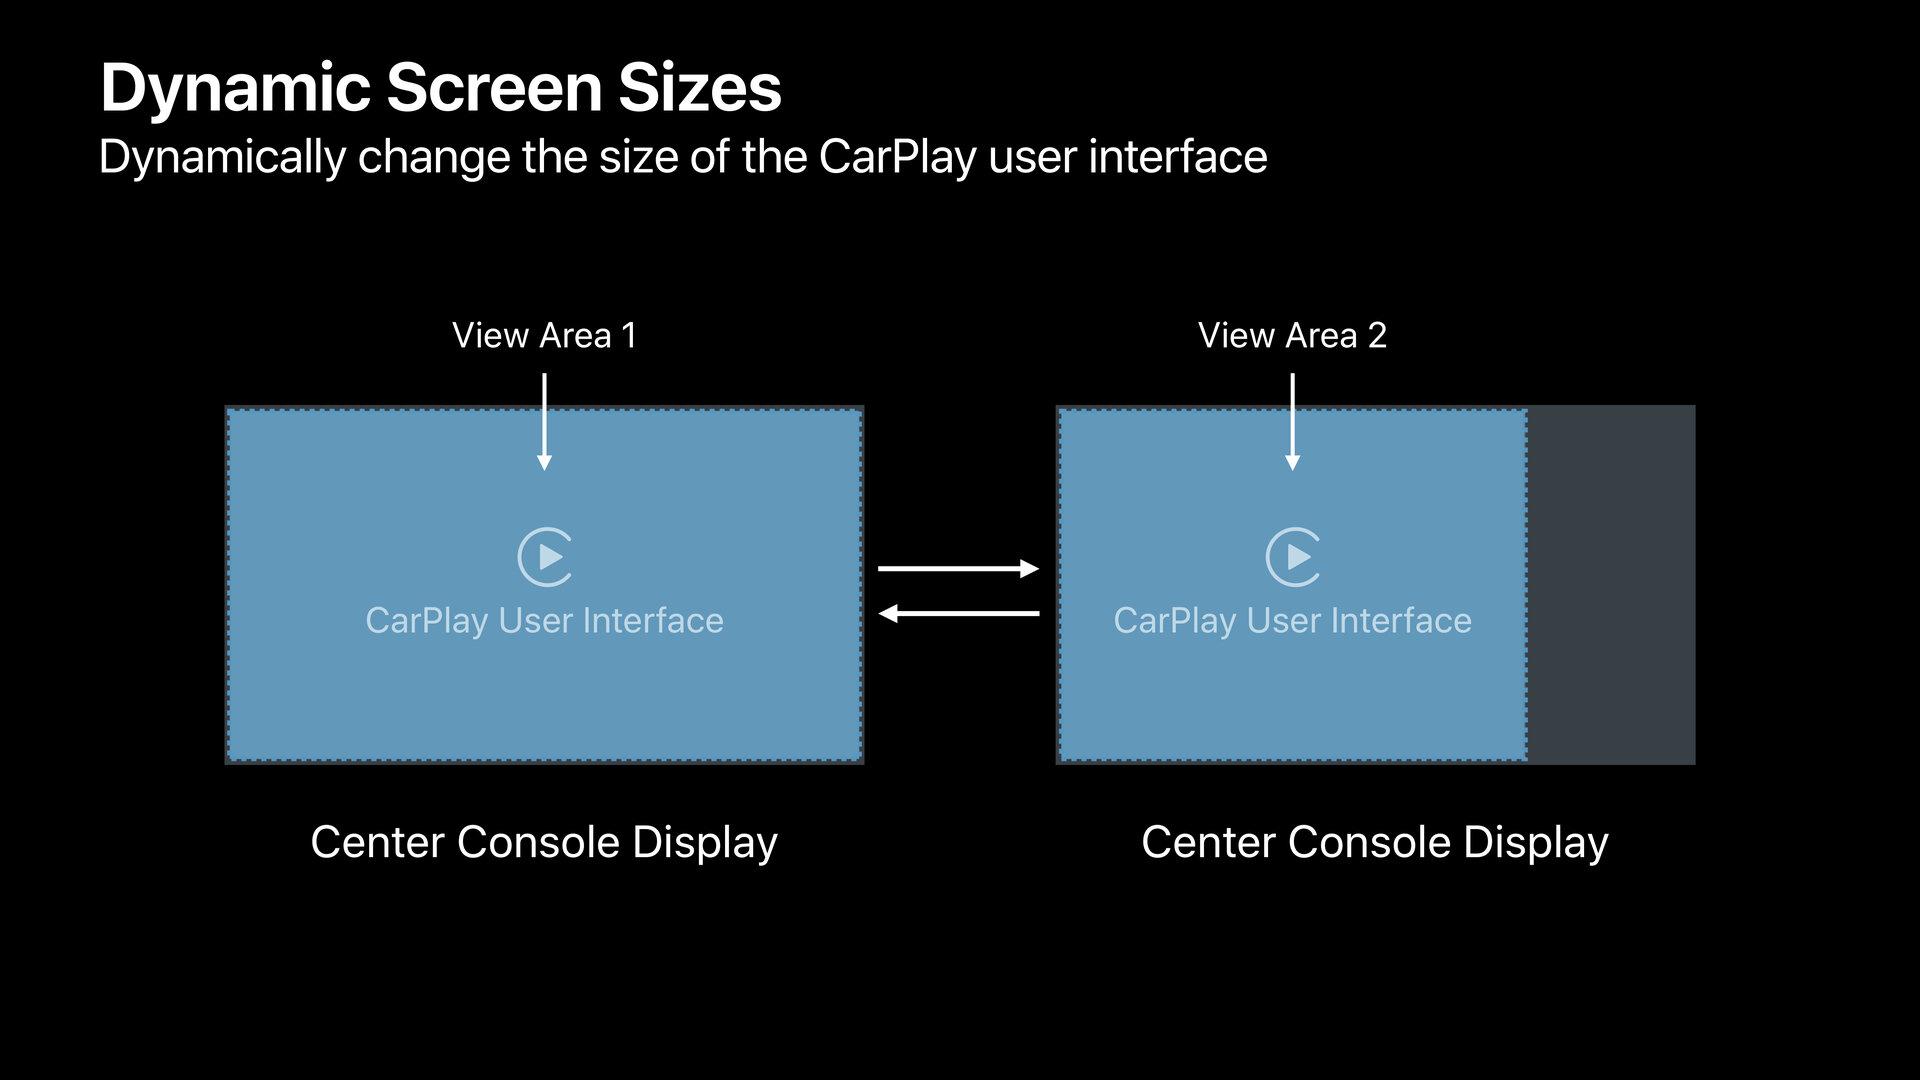 Dynamische Anpassung der Displaygrößen für CarPlay per View Area